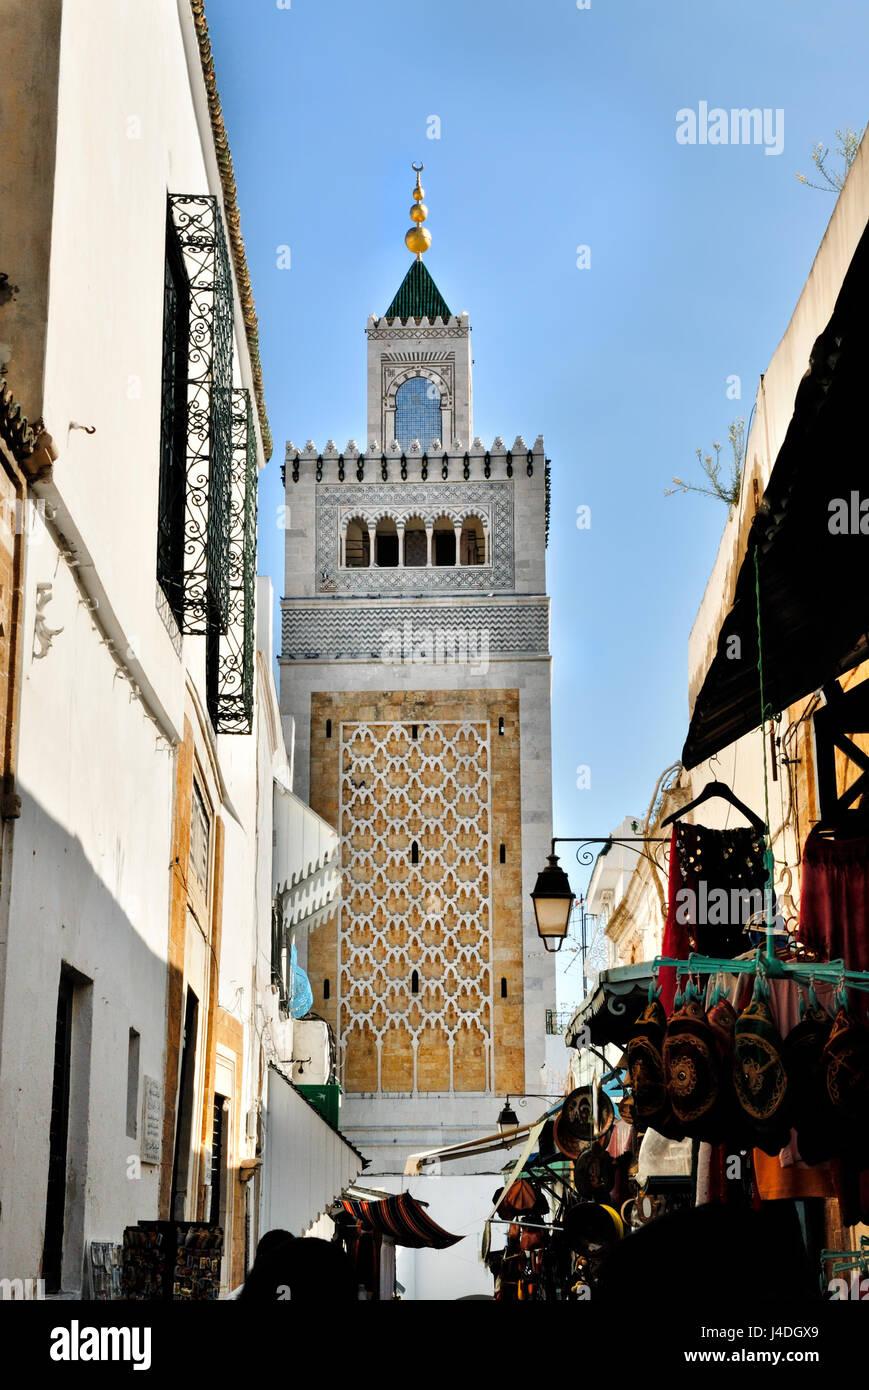 Mosquée mosquée Jamaa Ez Zitouna dans la Médina de la ville de Tunis, en Tunisie, l'Afrique Photo Stock